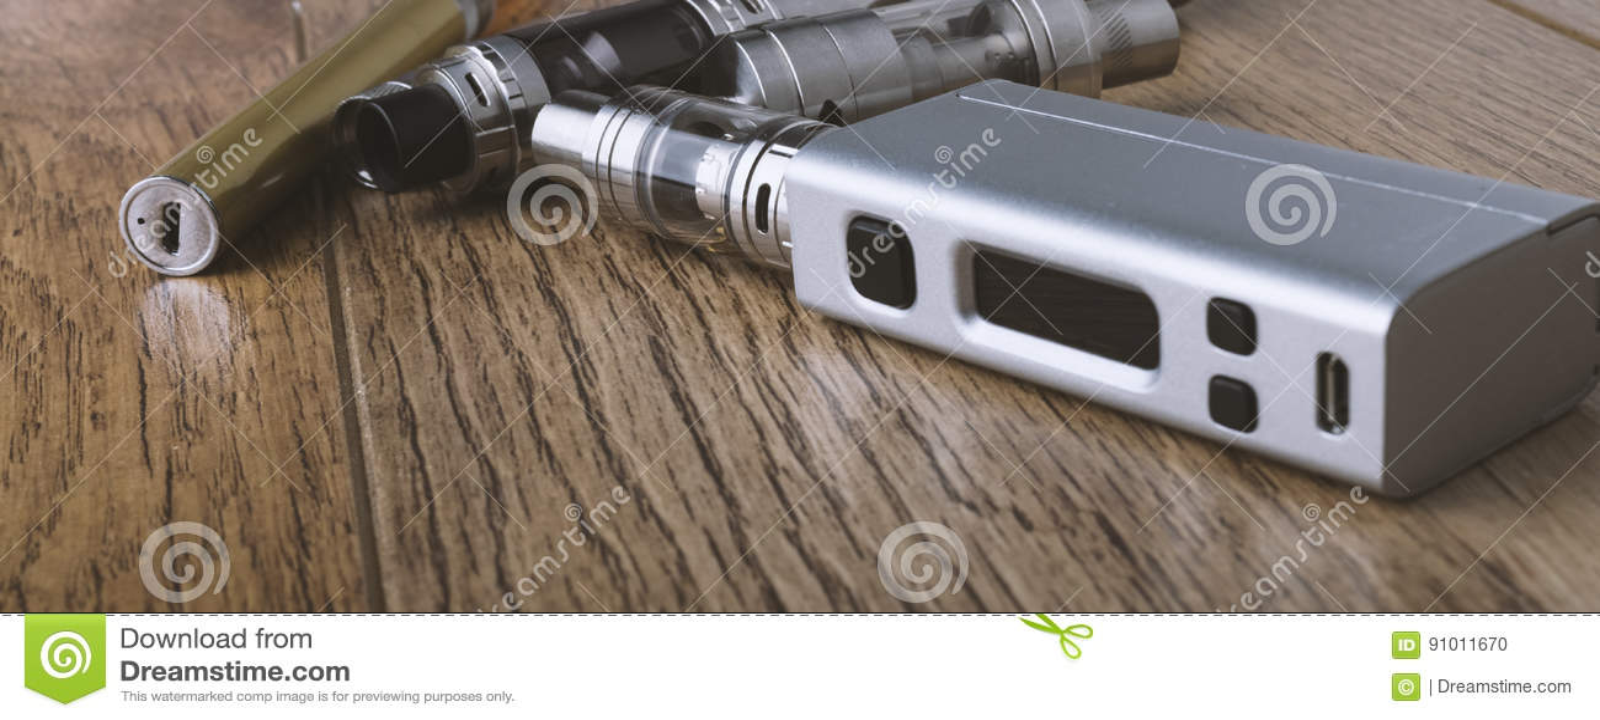 Vape penna och vaping apparater, mods, sprejflaskor, e-cig, e-cigarett